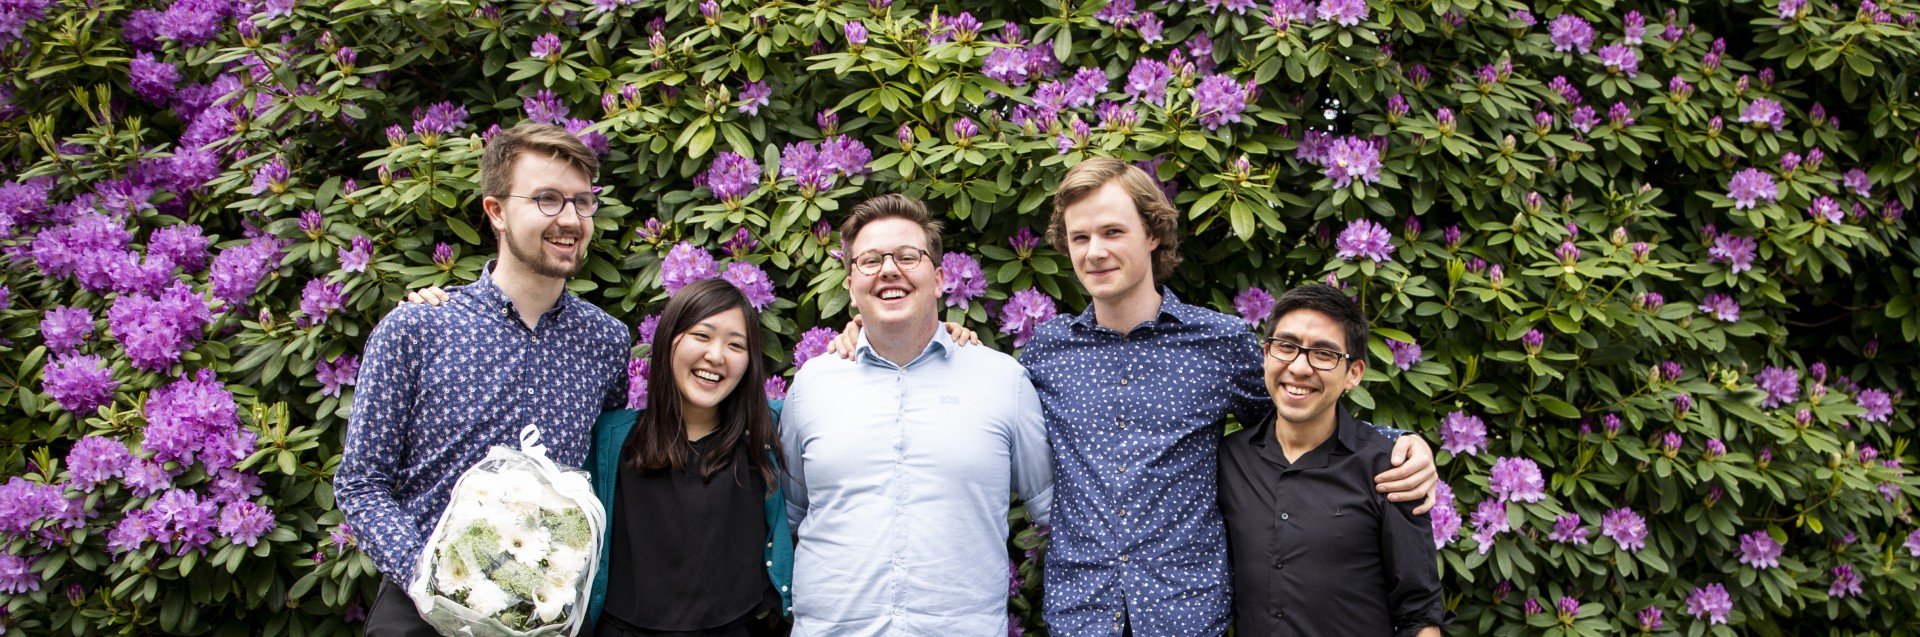 Vinnere av kammermusikkonkurransen 2019. Foto: Mari Løvås